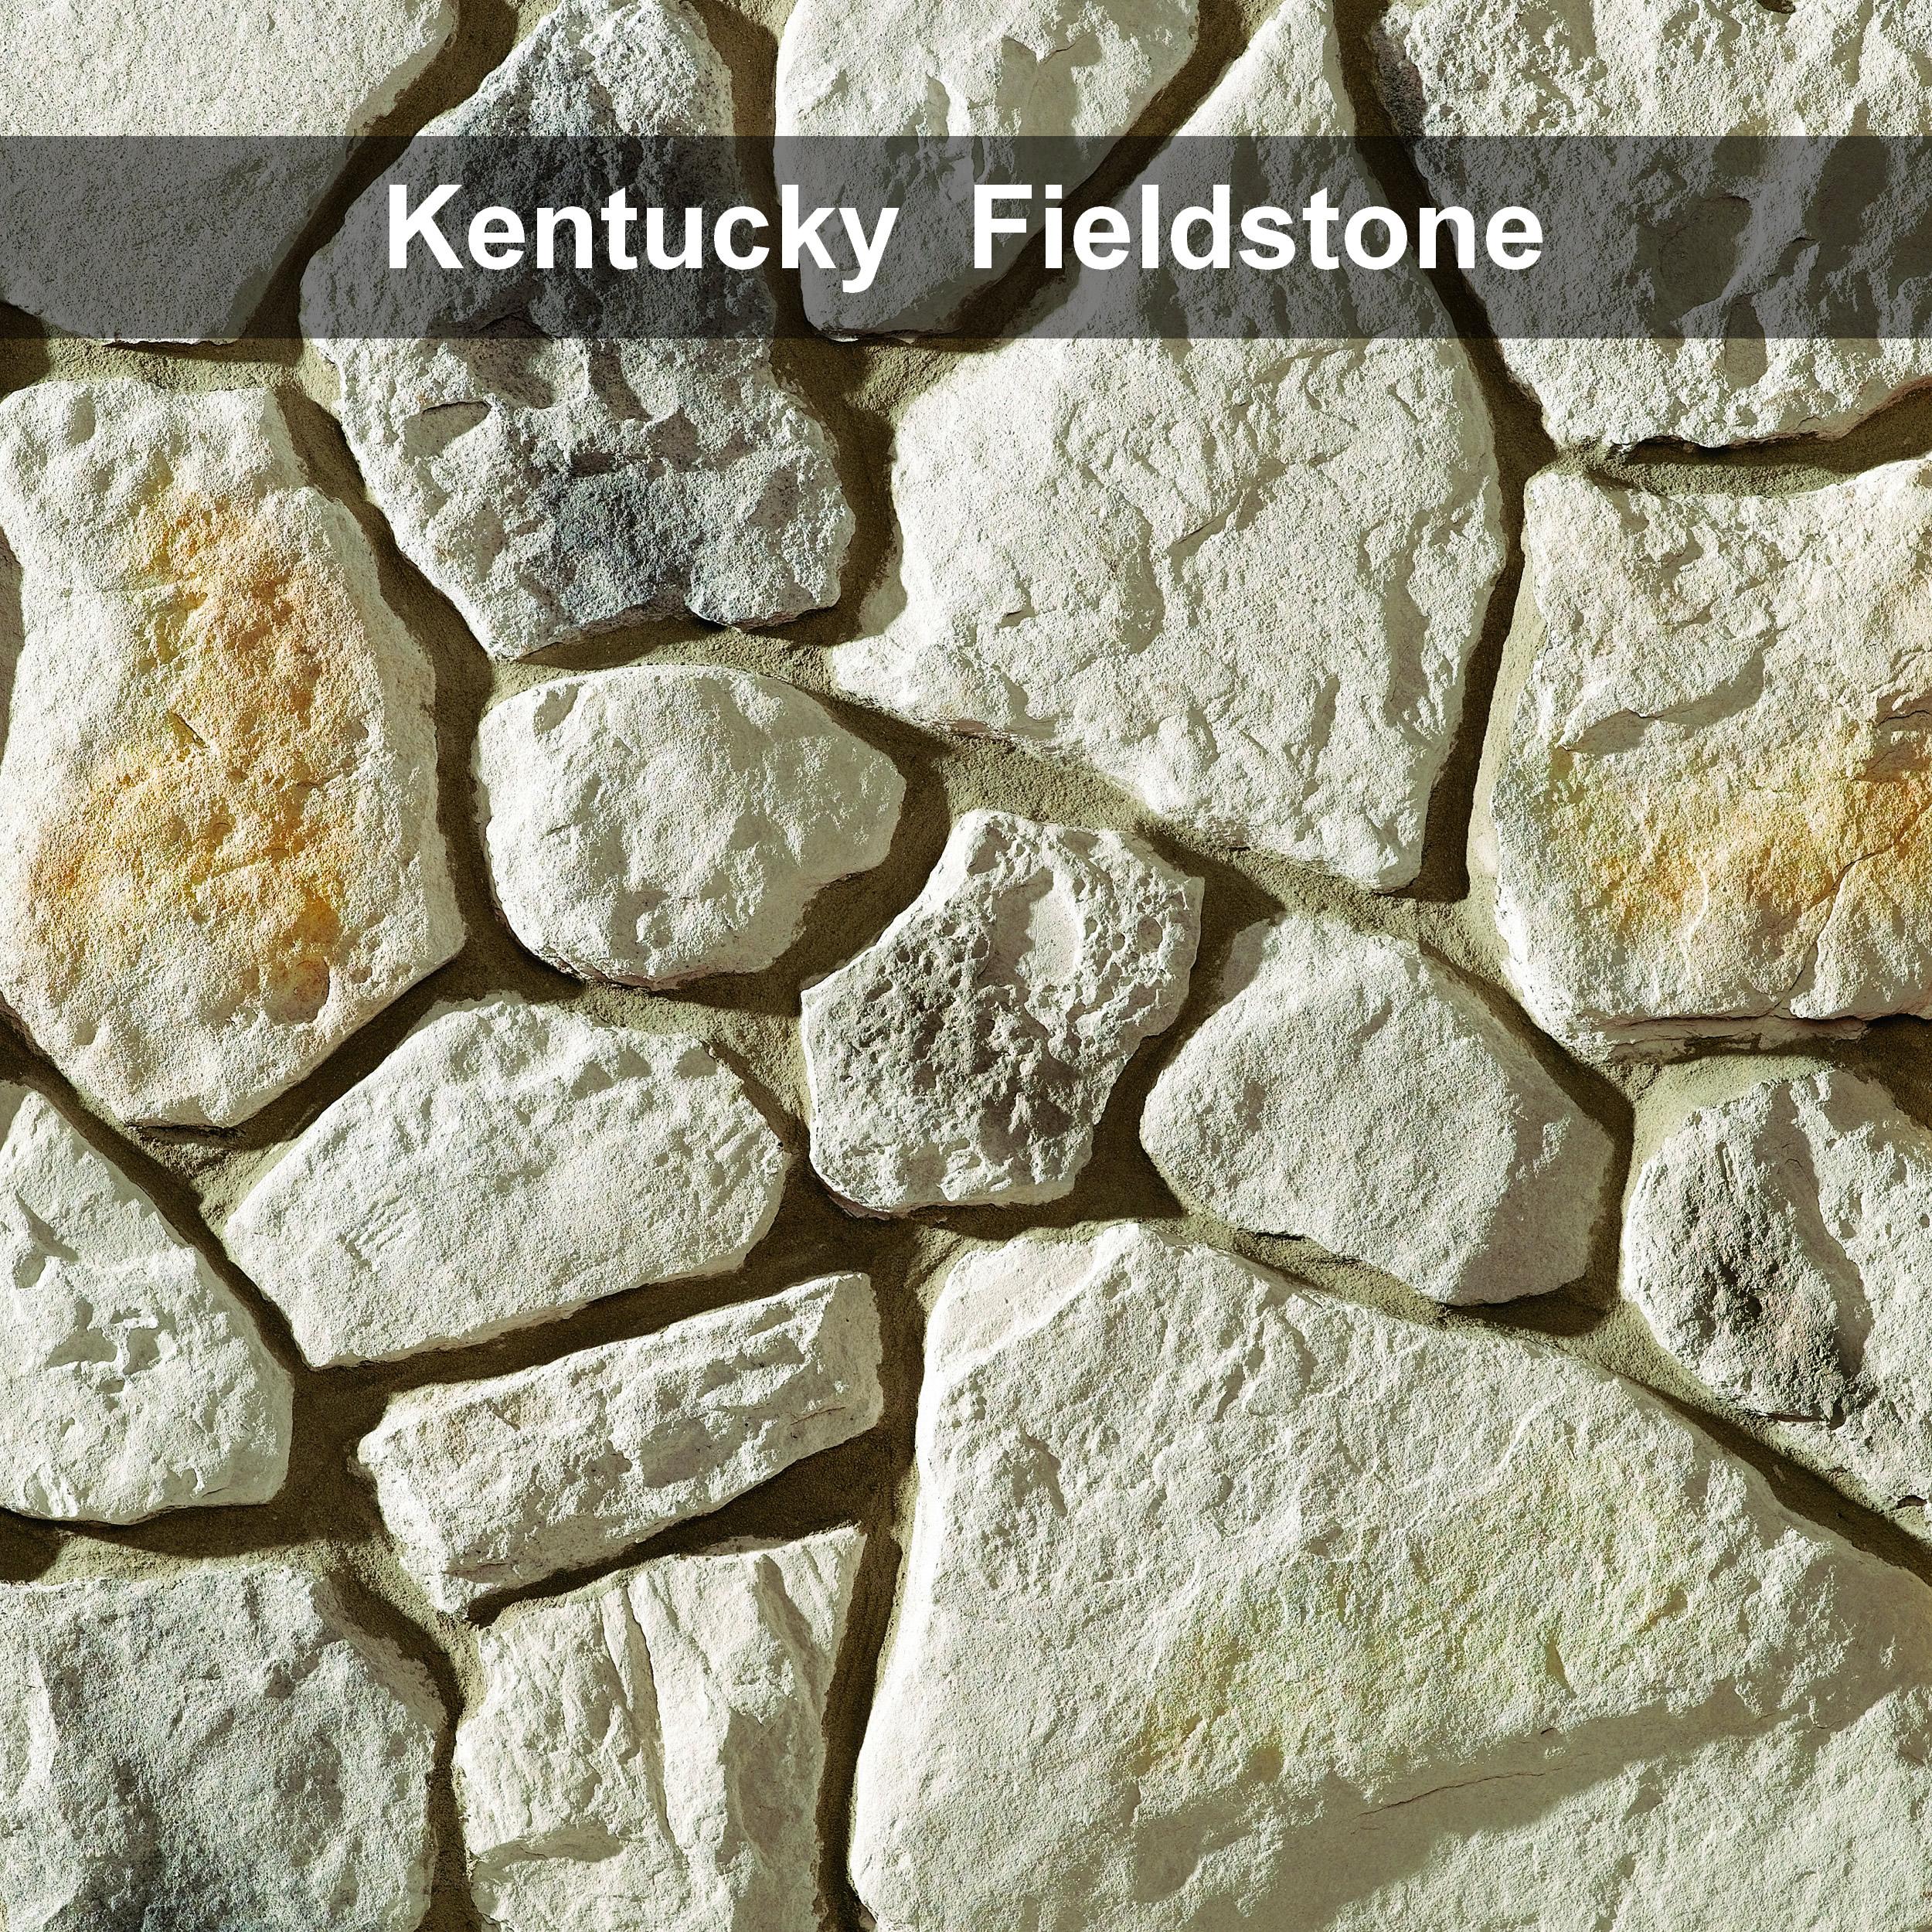 DQ_Fieldstone_Kentucky_Profile.jpg